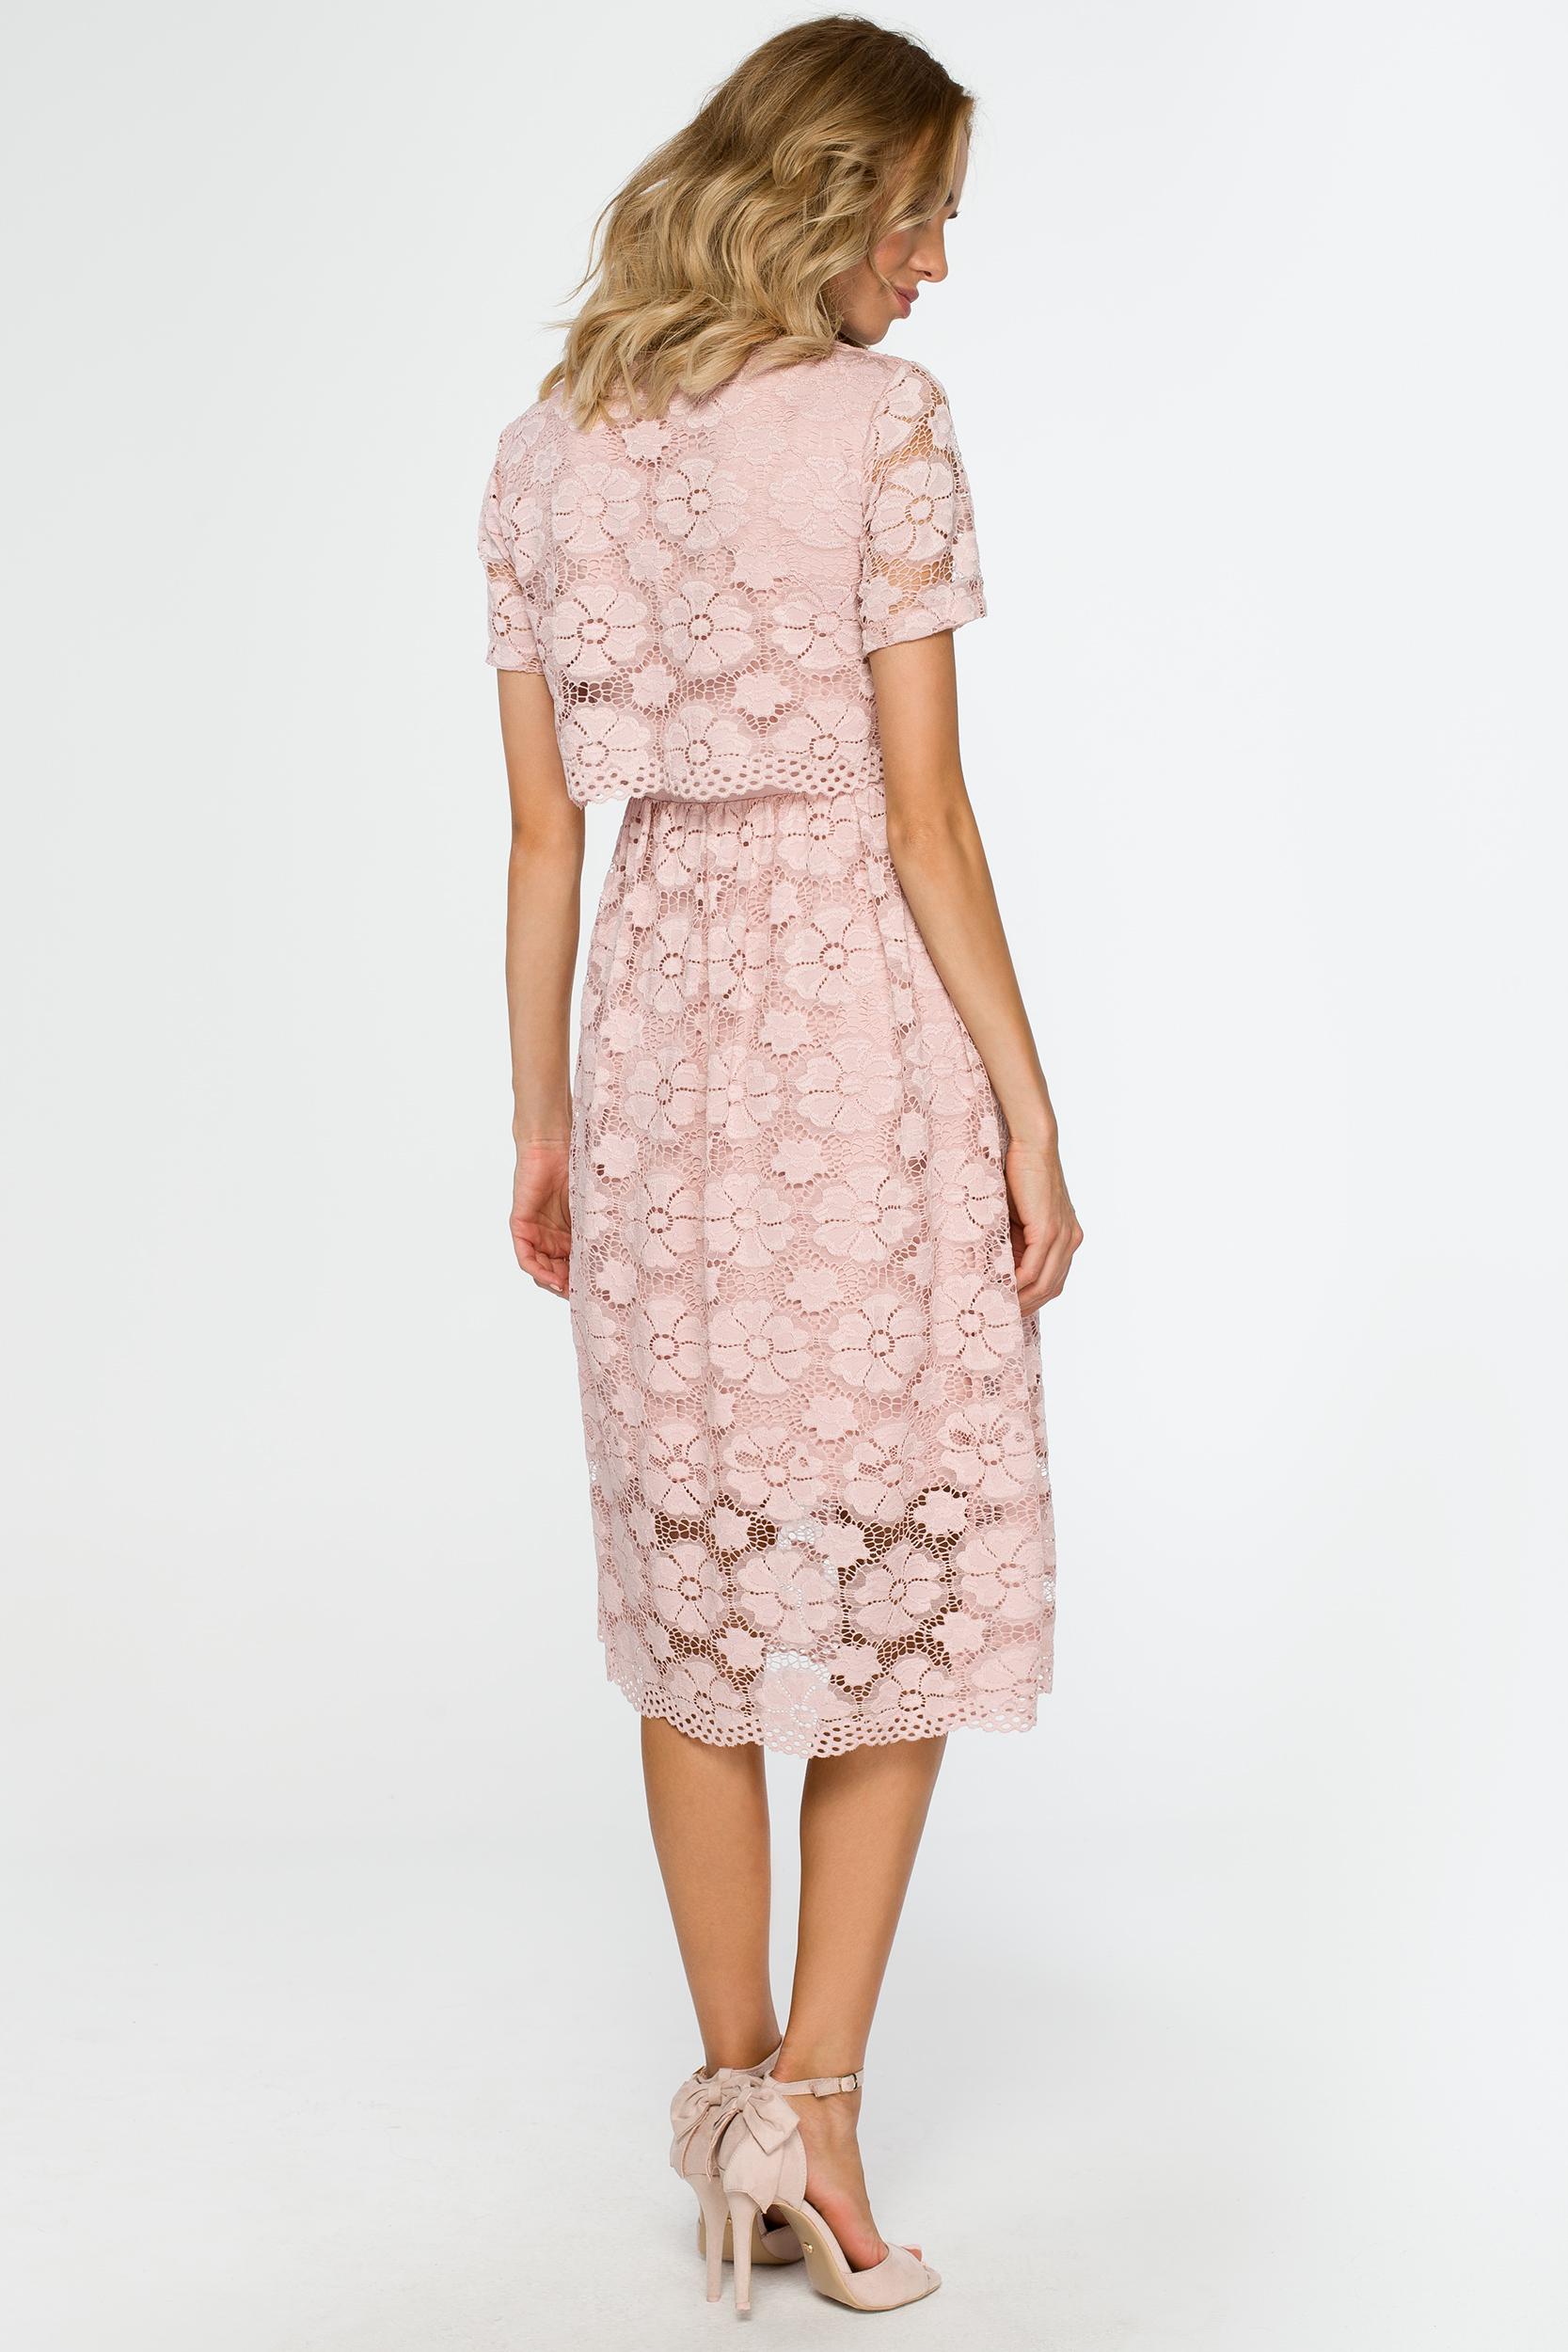 CM4015 Koronkowa sukienka midi - różowa